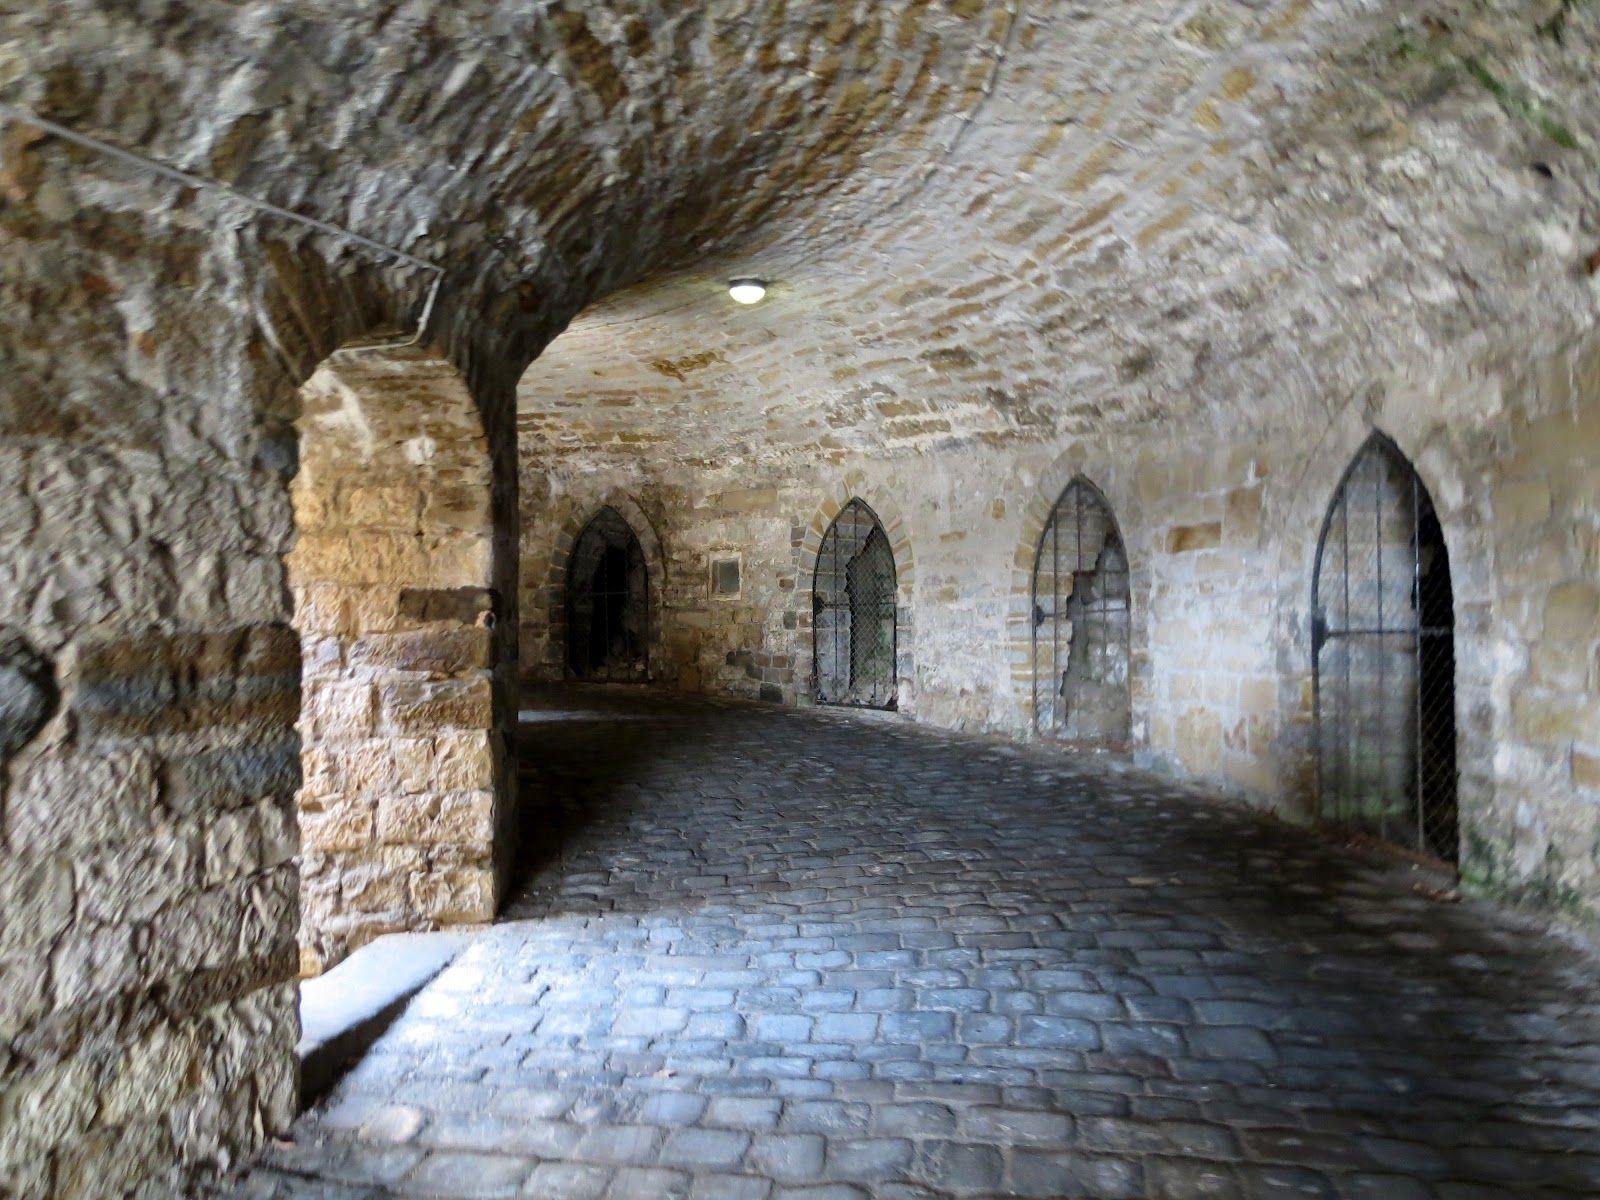 Medieval Castle For Inside Hohenzollern Castle Inside Castles Castles Interior